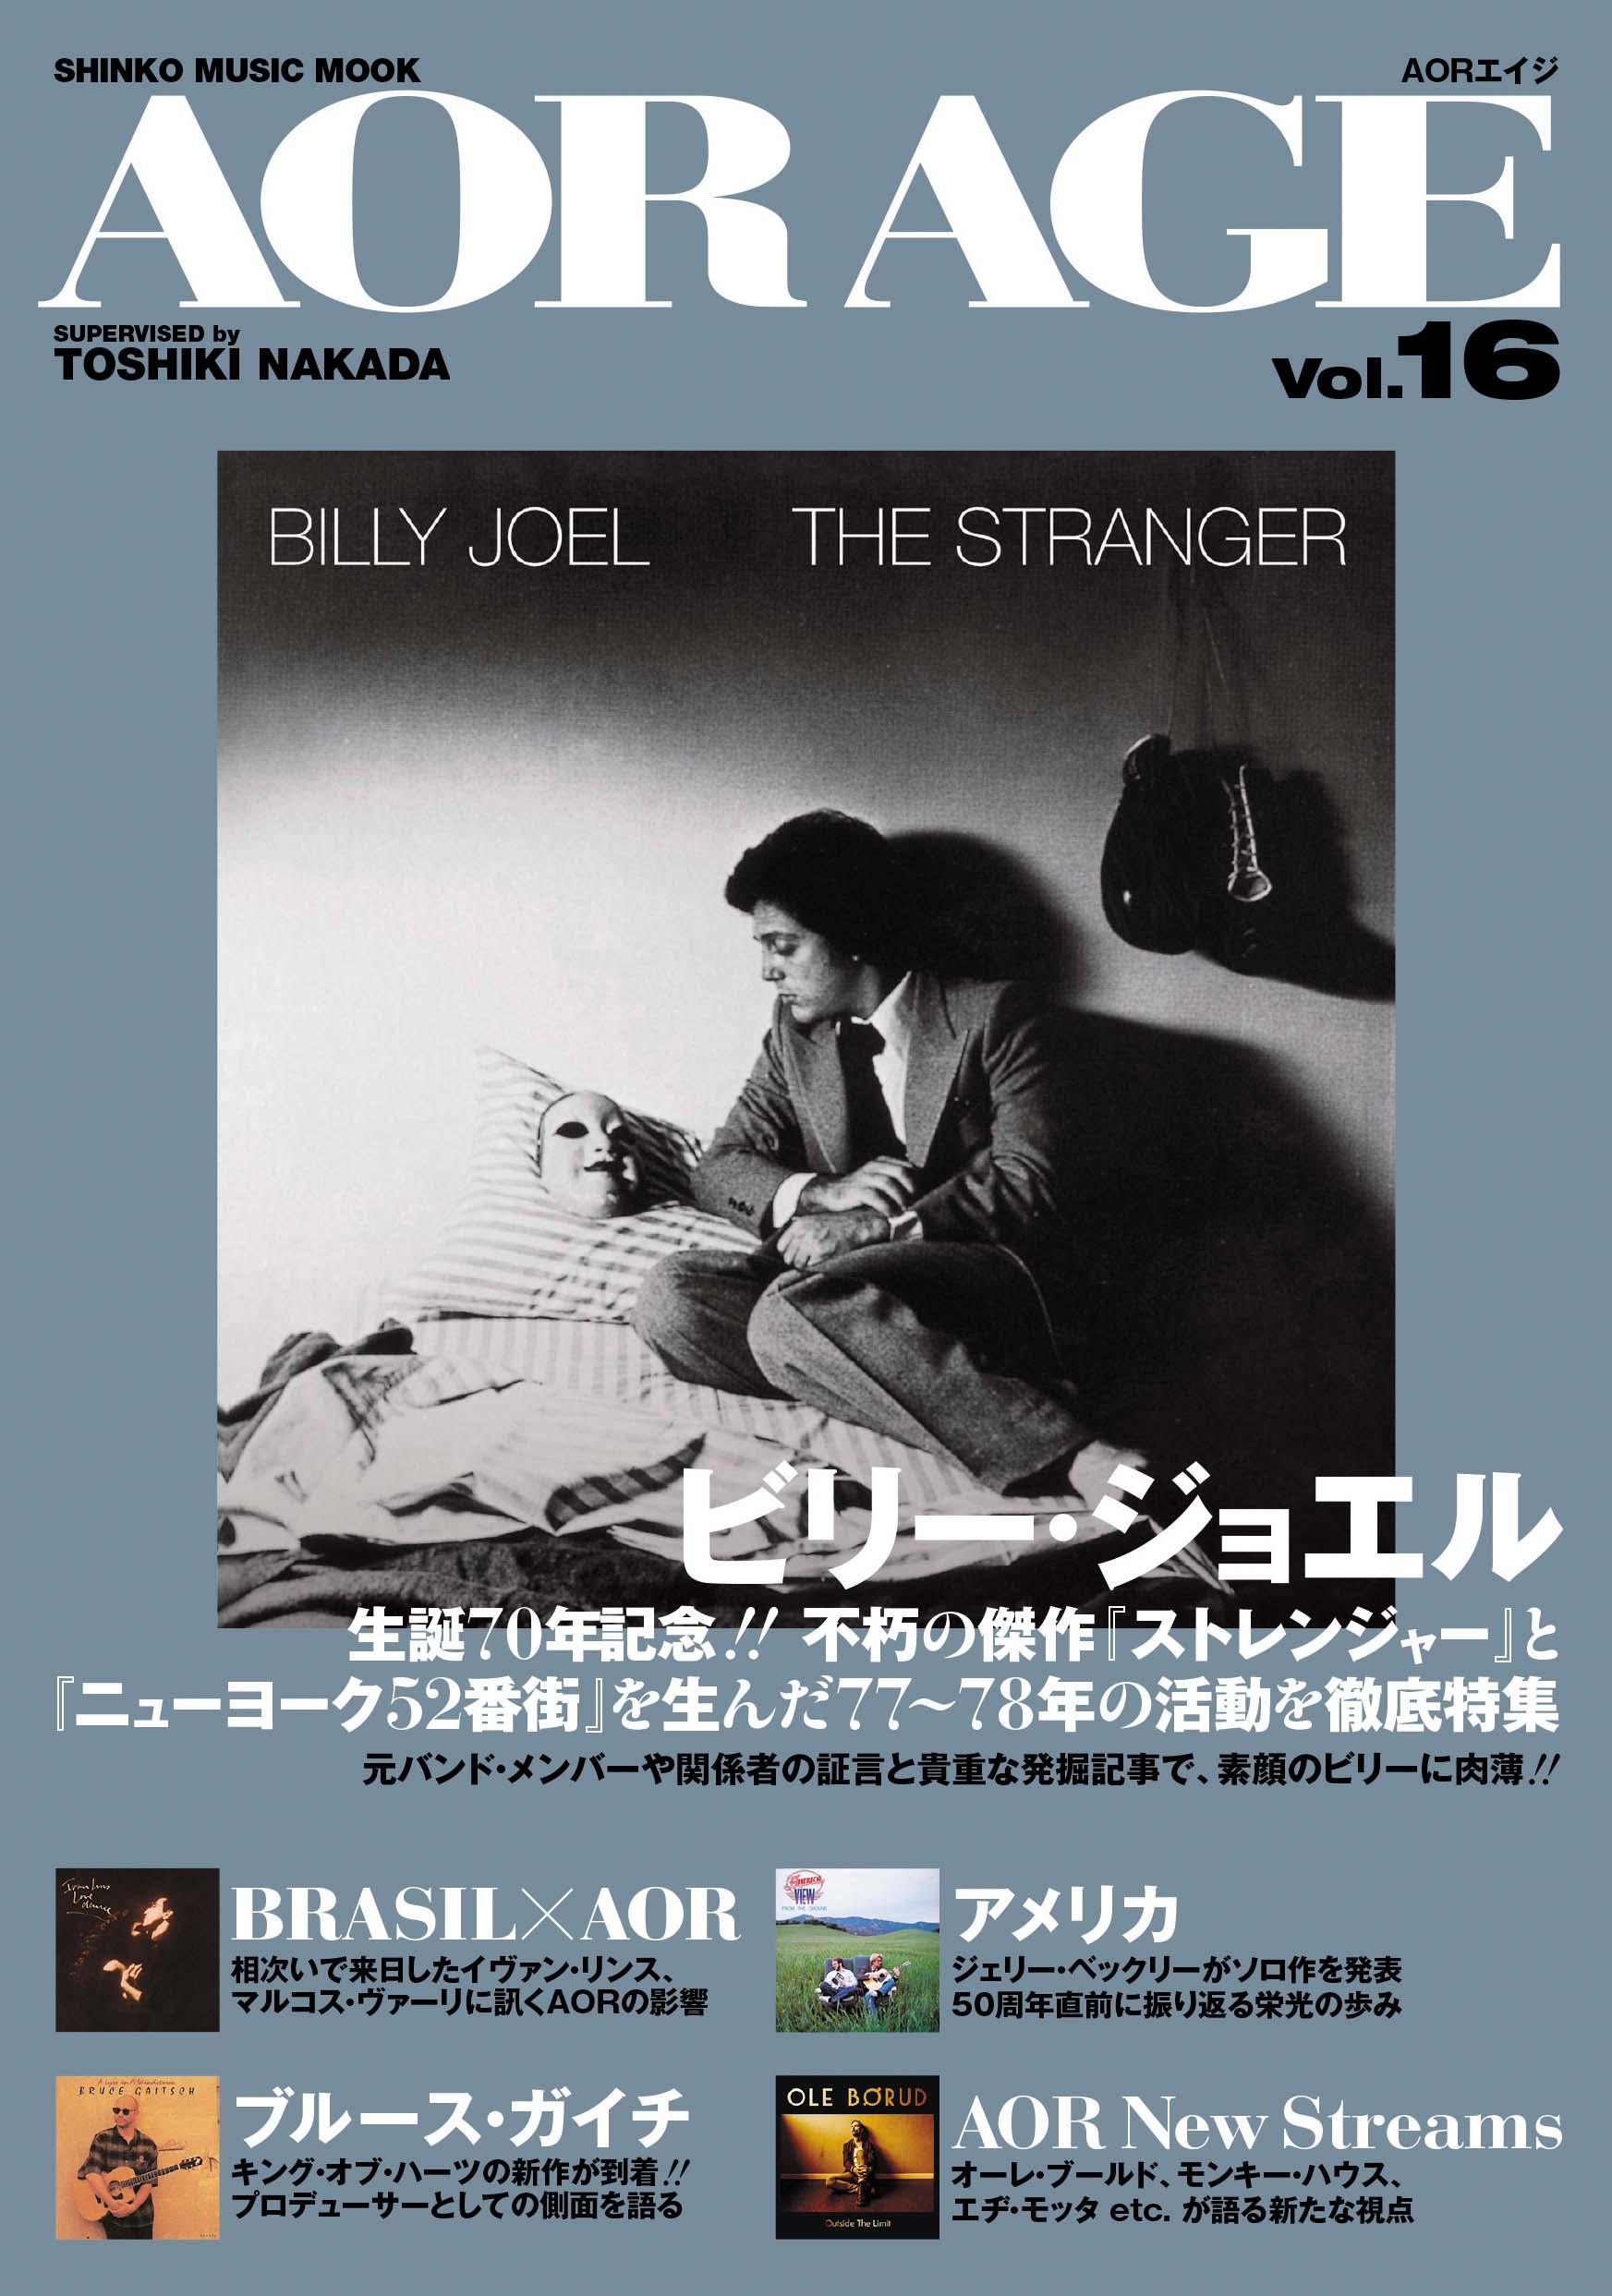 ビリー・ジョエル 生誕70年記念!!  『ストレンジャー』『ニューヨーク52番街』を生んだ77〜78年の活動を徹底特集!!